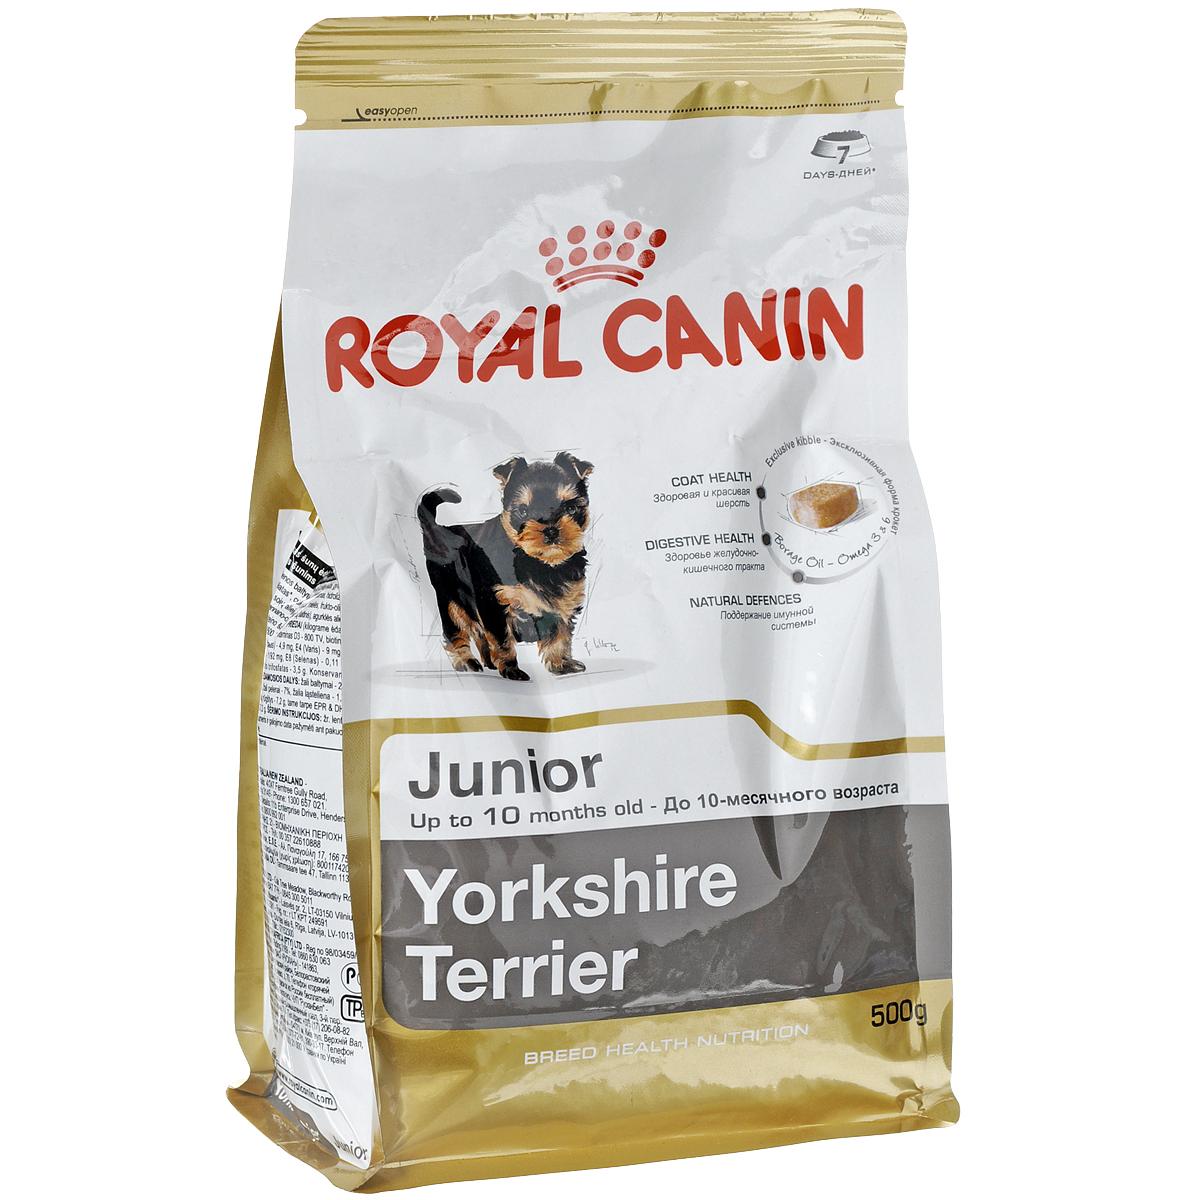 Корм сухой Royal Canin Yorkshire Terrier Junior, для щенков породы йоркширский терьер в возрасте до 10 месяцев, 500 г3464Сухой корм Royal Canin Yorkshire Terrier Junior - полнорационный корм для щенков породы йоркширский терьер в возрасте до 10 месяцев. Щенки йоркширского терьера подвержены риску многих заболеваний. Правильное питание и сбалансированная диета чаще всего помогают избежать неблагоприятного развития хрупкого в детстве щенка. Благодаря корму для щенков йорков Yorkshire Terrier Junior из небольшого и активного щенка вы легко вырастите аристократичного красивого взрослого пса. Здоровая шерсть. Эта эксклюзивная формула поддерживает здоровье и красоту шерсти йоркширского терьера. Корм обогащен жирными кислотами Омега-3 (EPA и DHA) и Омега-6, маслом бурачника и биотином. Безопасность пищеварения. Обеспечивает оптимальную безопасность пищеварения и поддерживает баланс кишечной флоры щенков йоркширского терьера. Надежная естественная защита. Корм позволяет обеспечить естественную защиту организма щенка йоркширского терьера. Профилактика образования зубного...